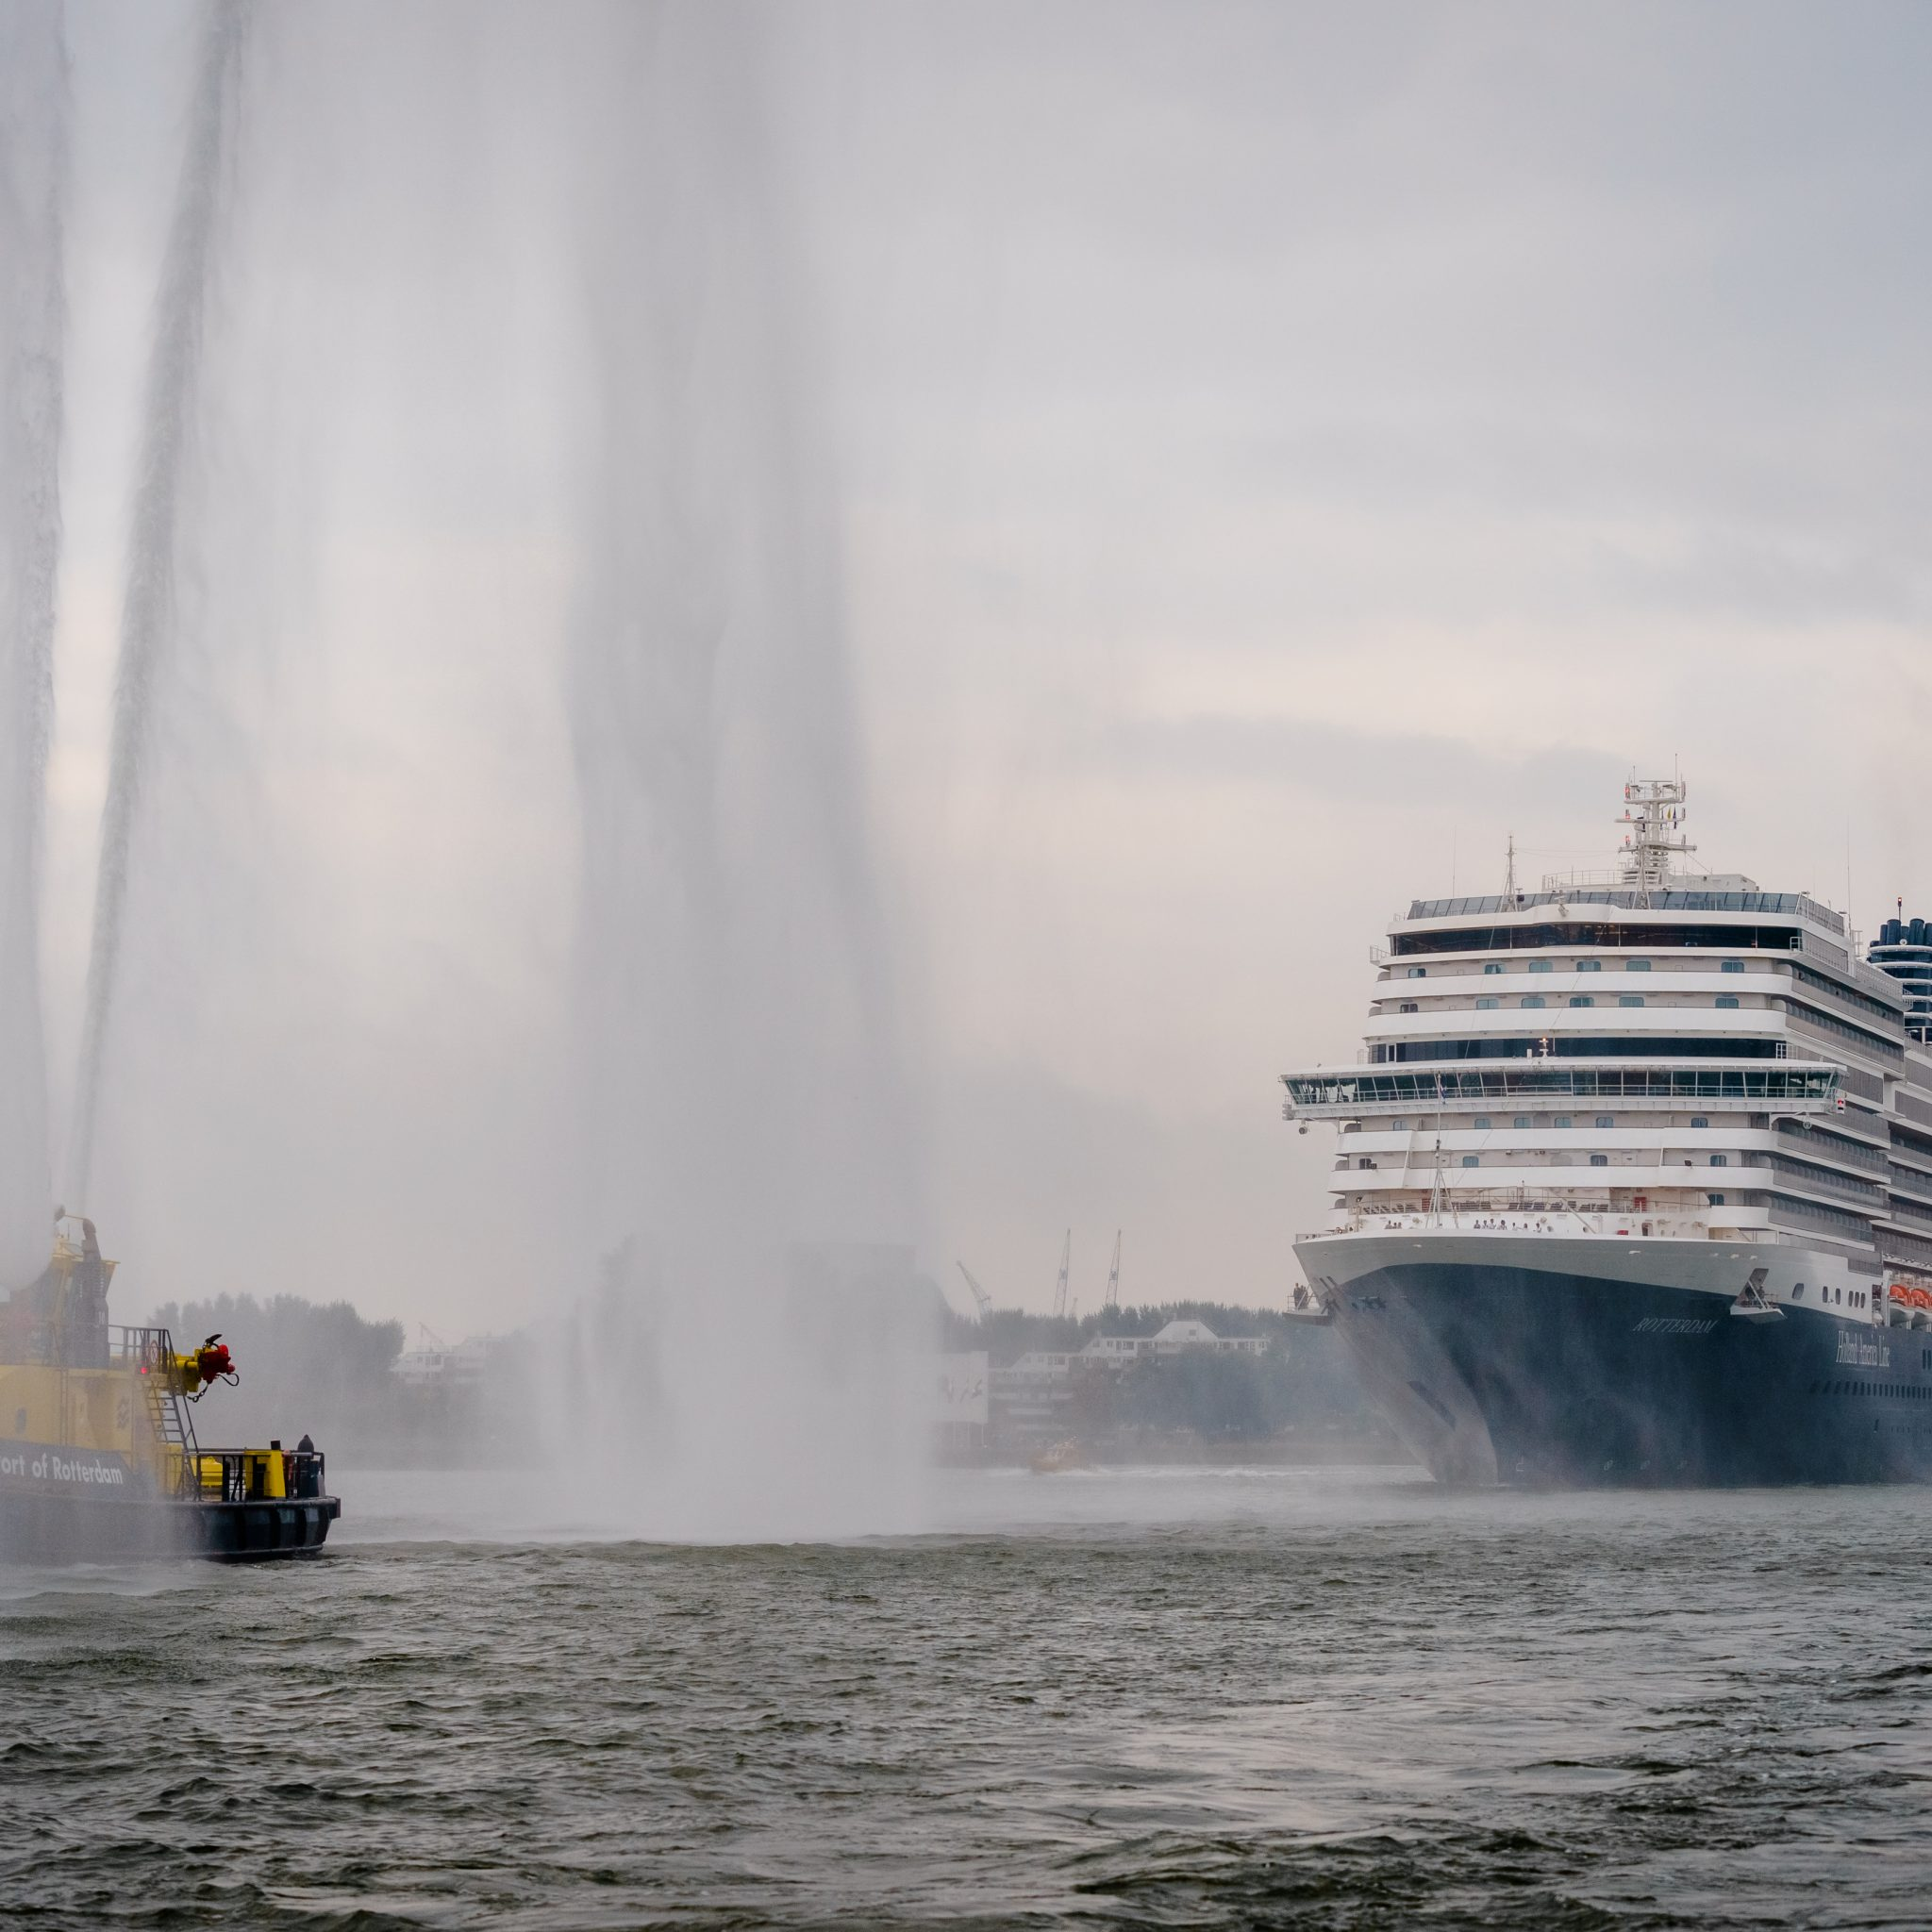 Een waar spektakel bij de Rotterdamse Erasmusbrug. De Rotterdam VII werd enthousiast onthaald. (Foto ANP)